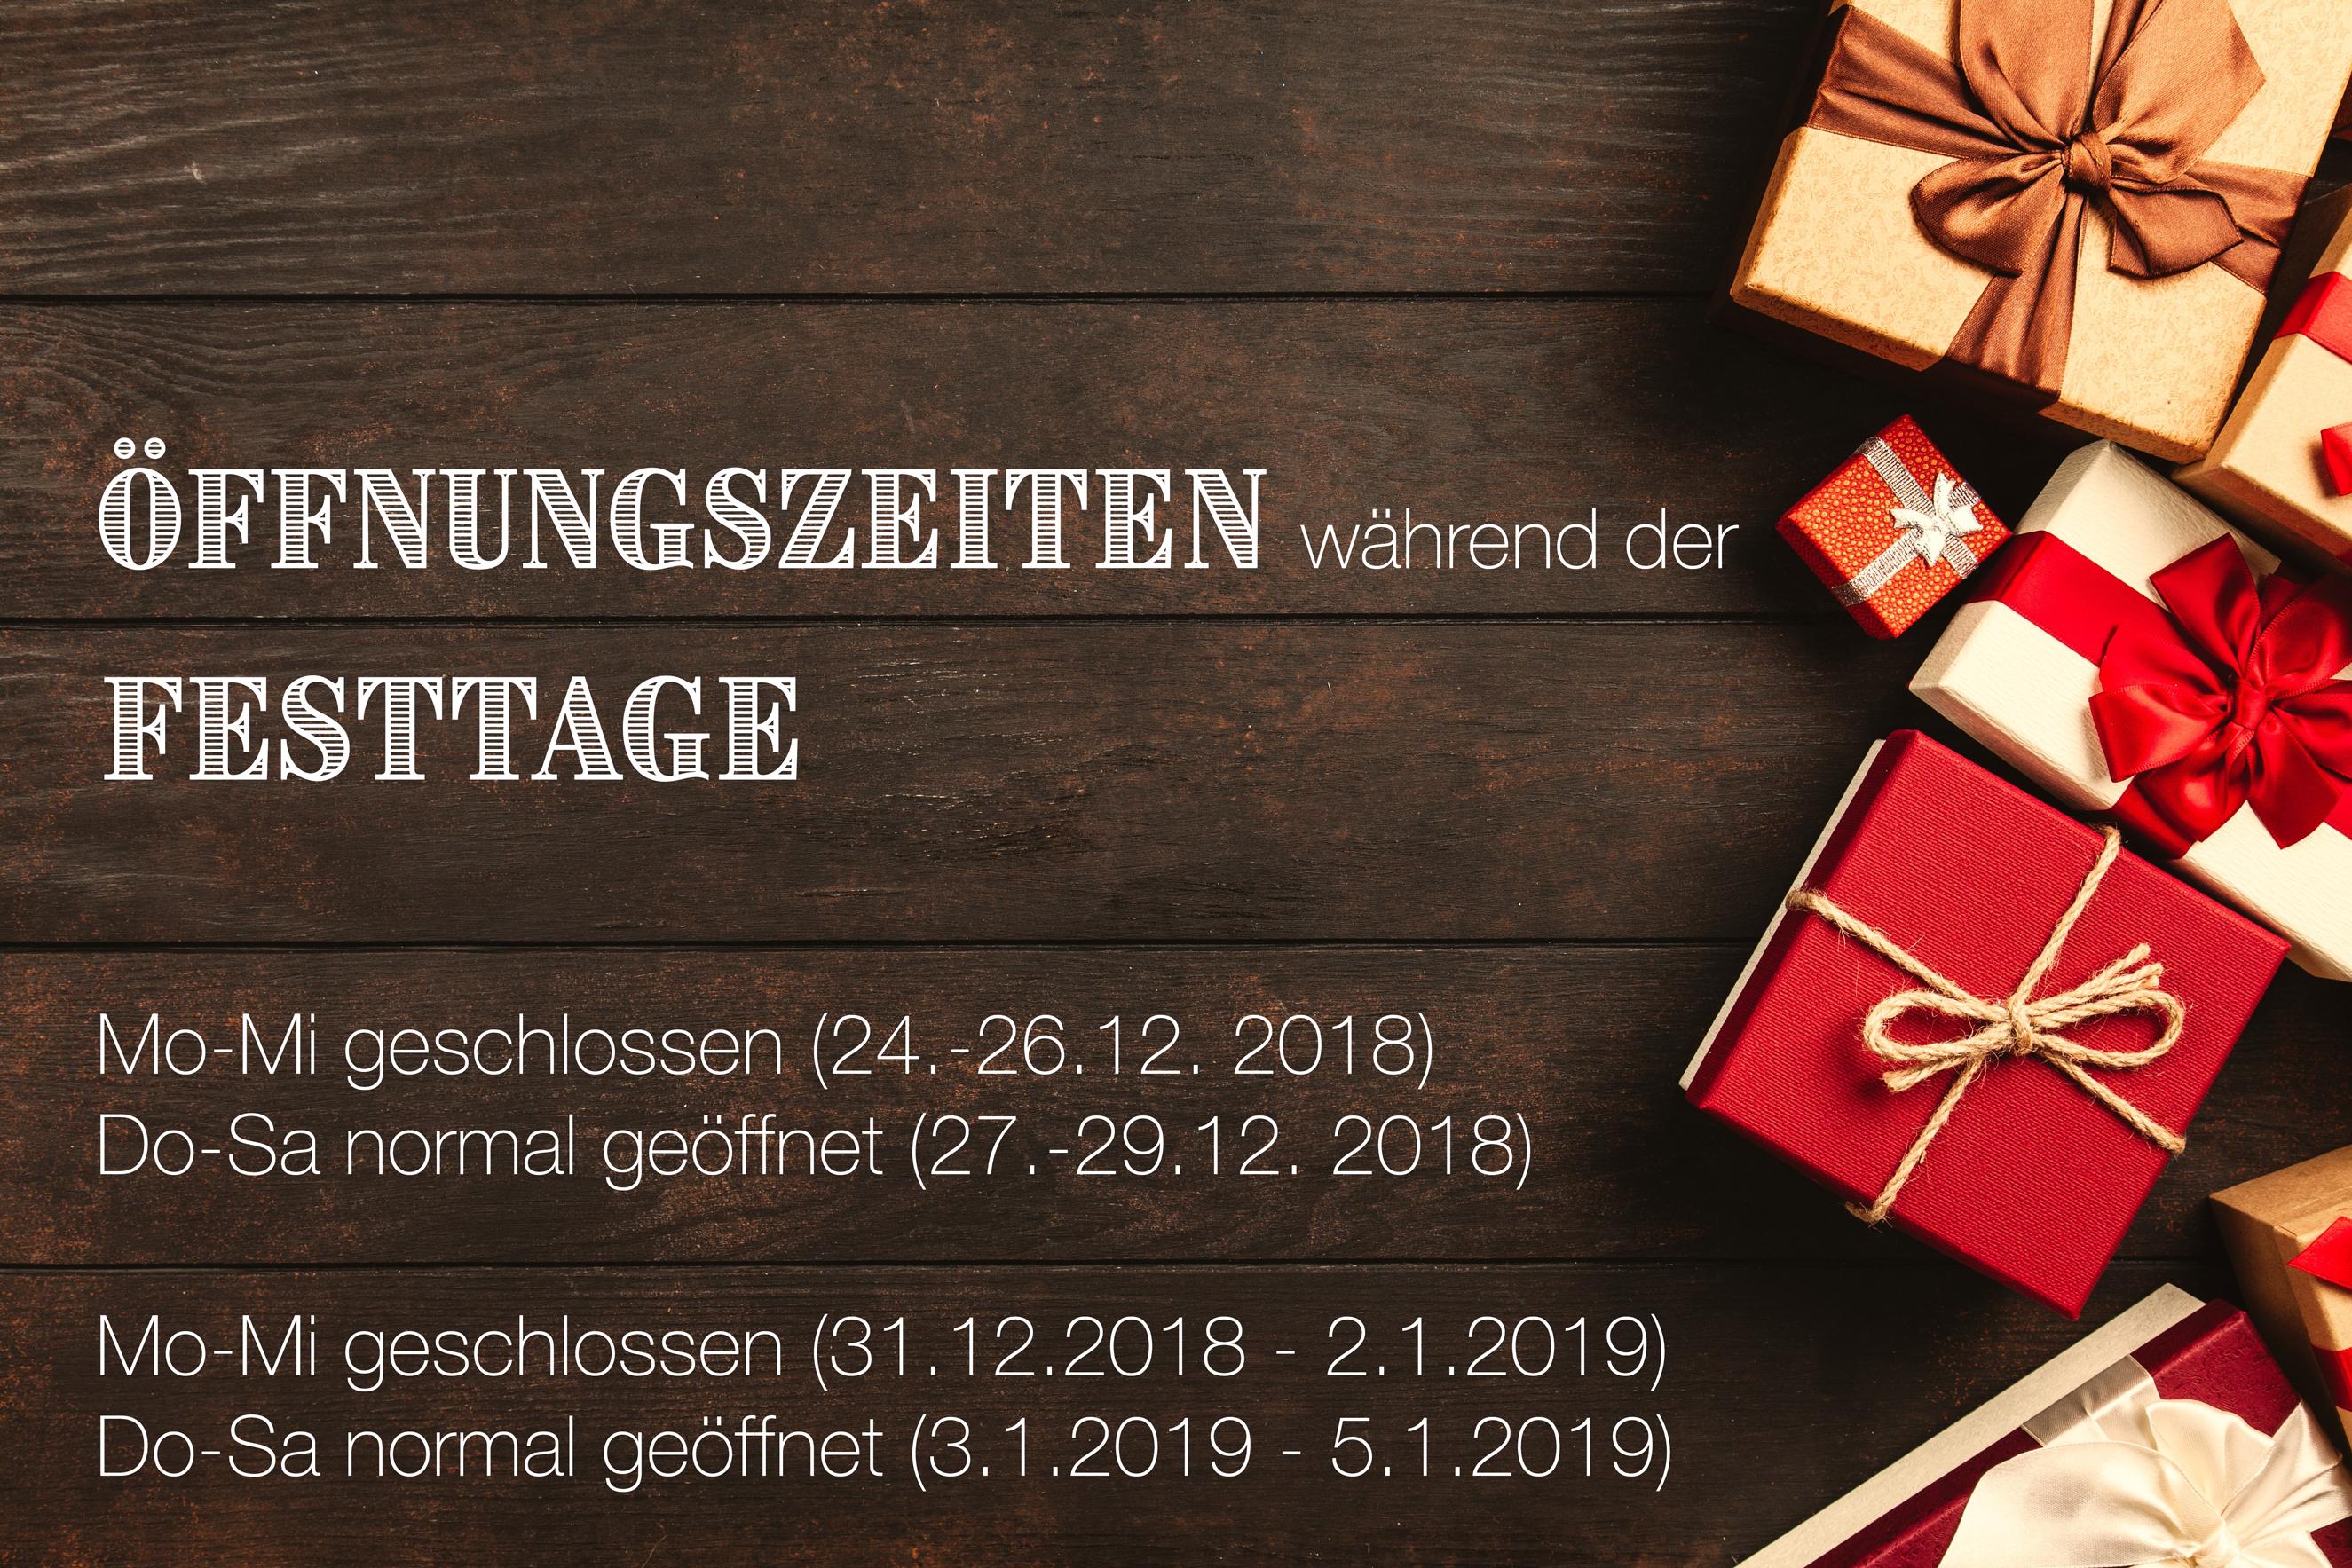 Öffnungszeiten_Hess_Motorrad_Festtagge